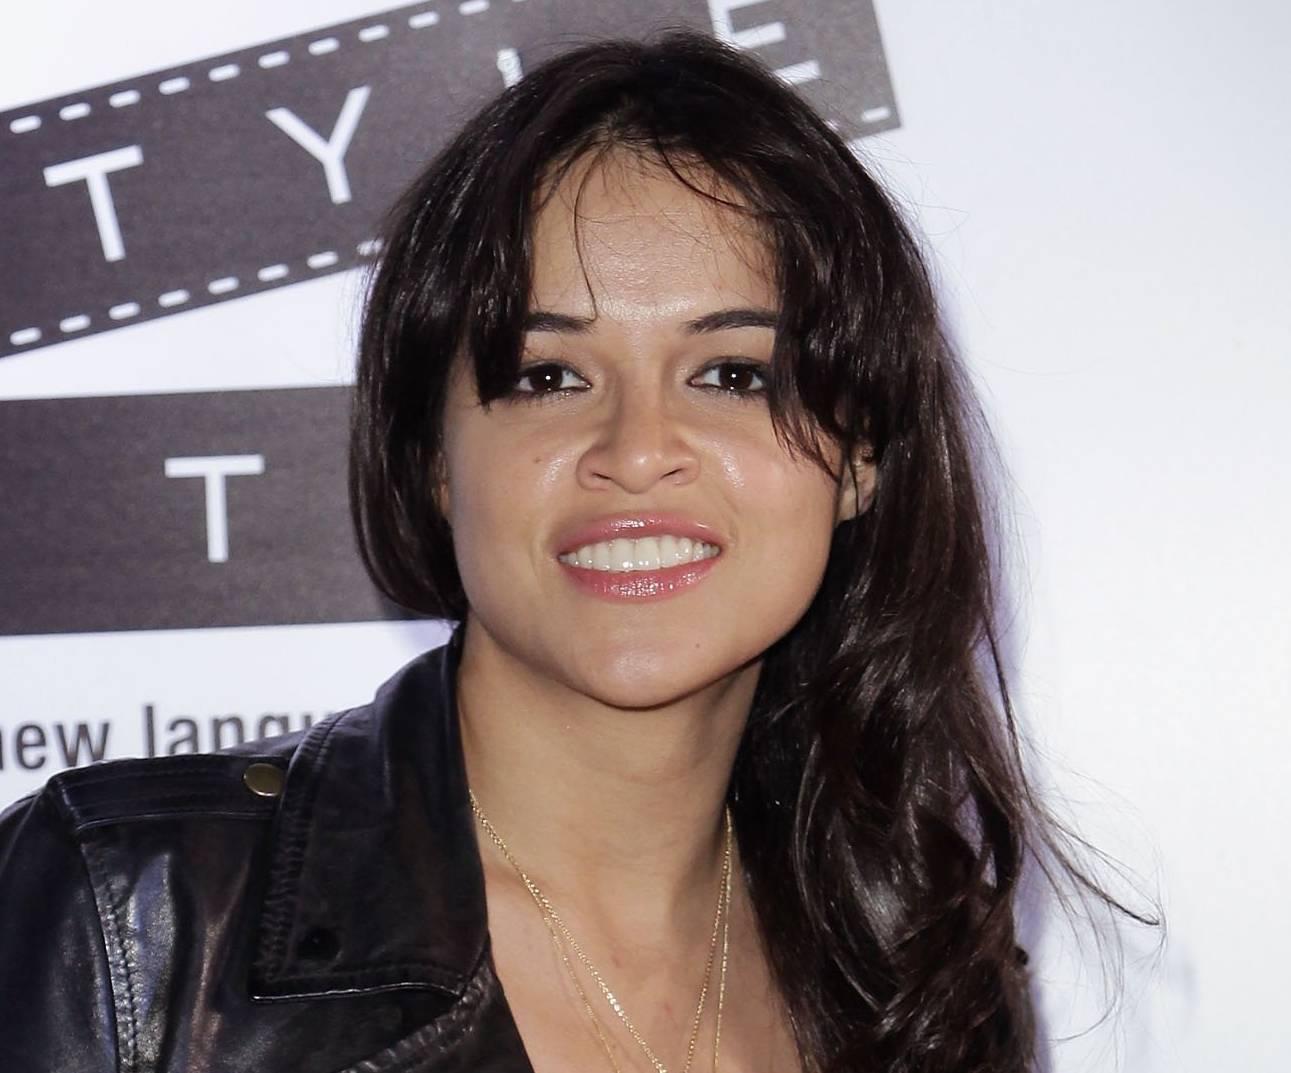 http://2.bp.blogspot.com/_bj-91WvhEuo/S_Vuj6-PXuI/AAAAAAAAJ3o/3d3QBldWYeQ/s1600/Michelle+Rodriguez+-+replay+party1.jpg